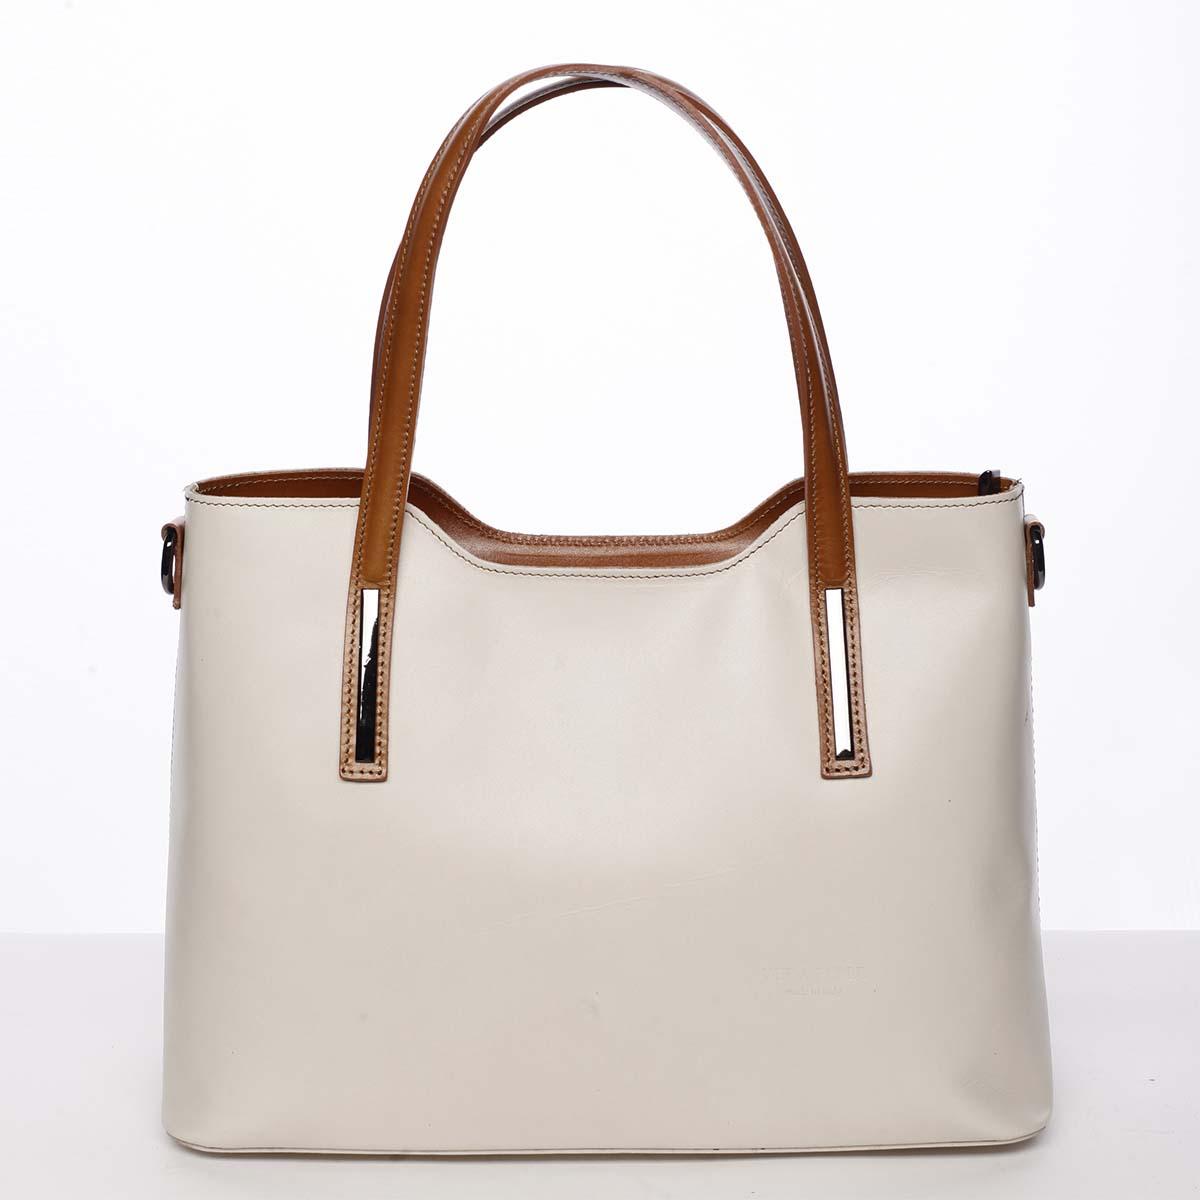 Větší kožená kabelka hnědo béžová - ItalY Sandy